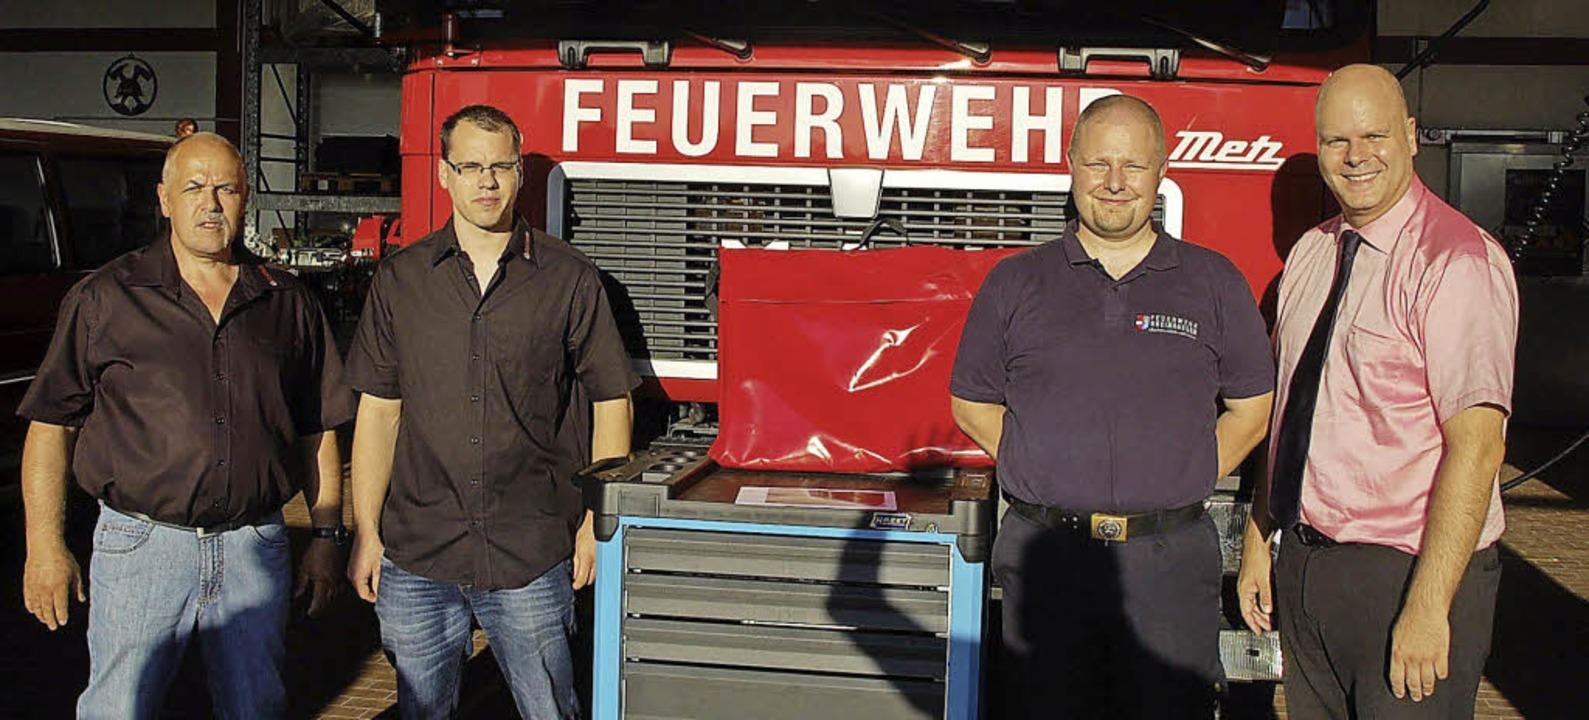 Andreas Lang von der Feuerwehr Rheinha...von Peter (links) und Pierre Brüderle.  | Foto: Jörg Schimanski